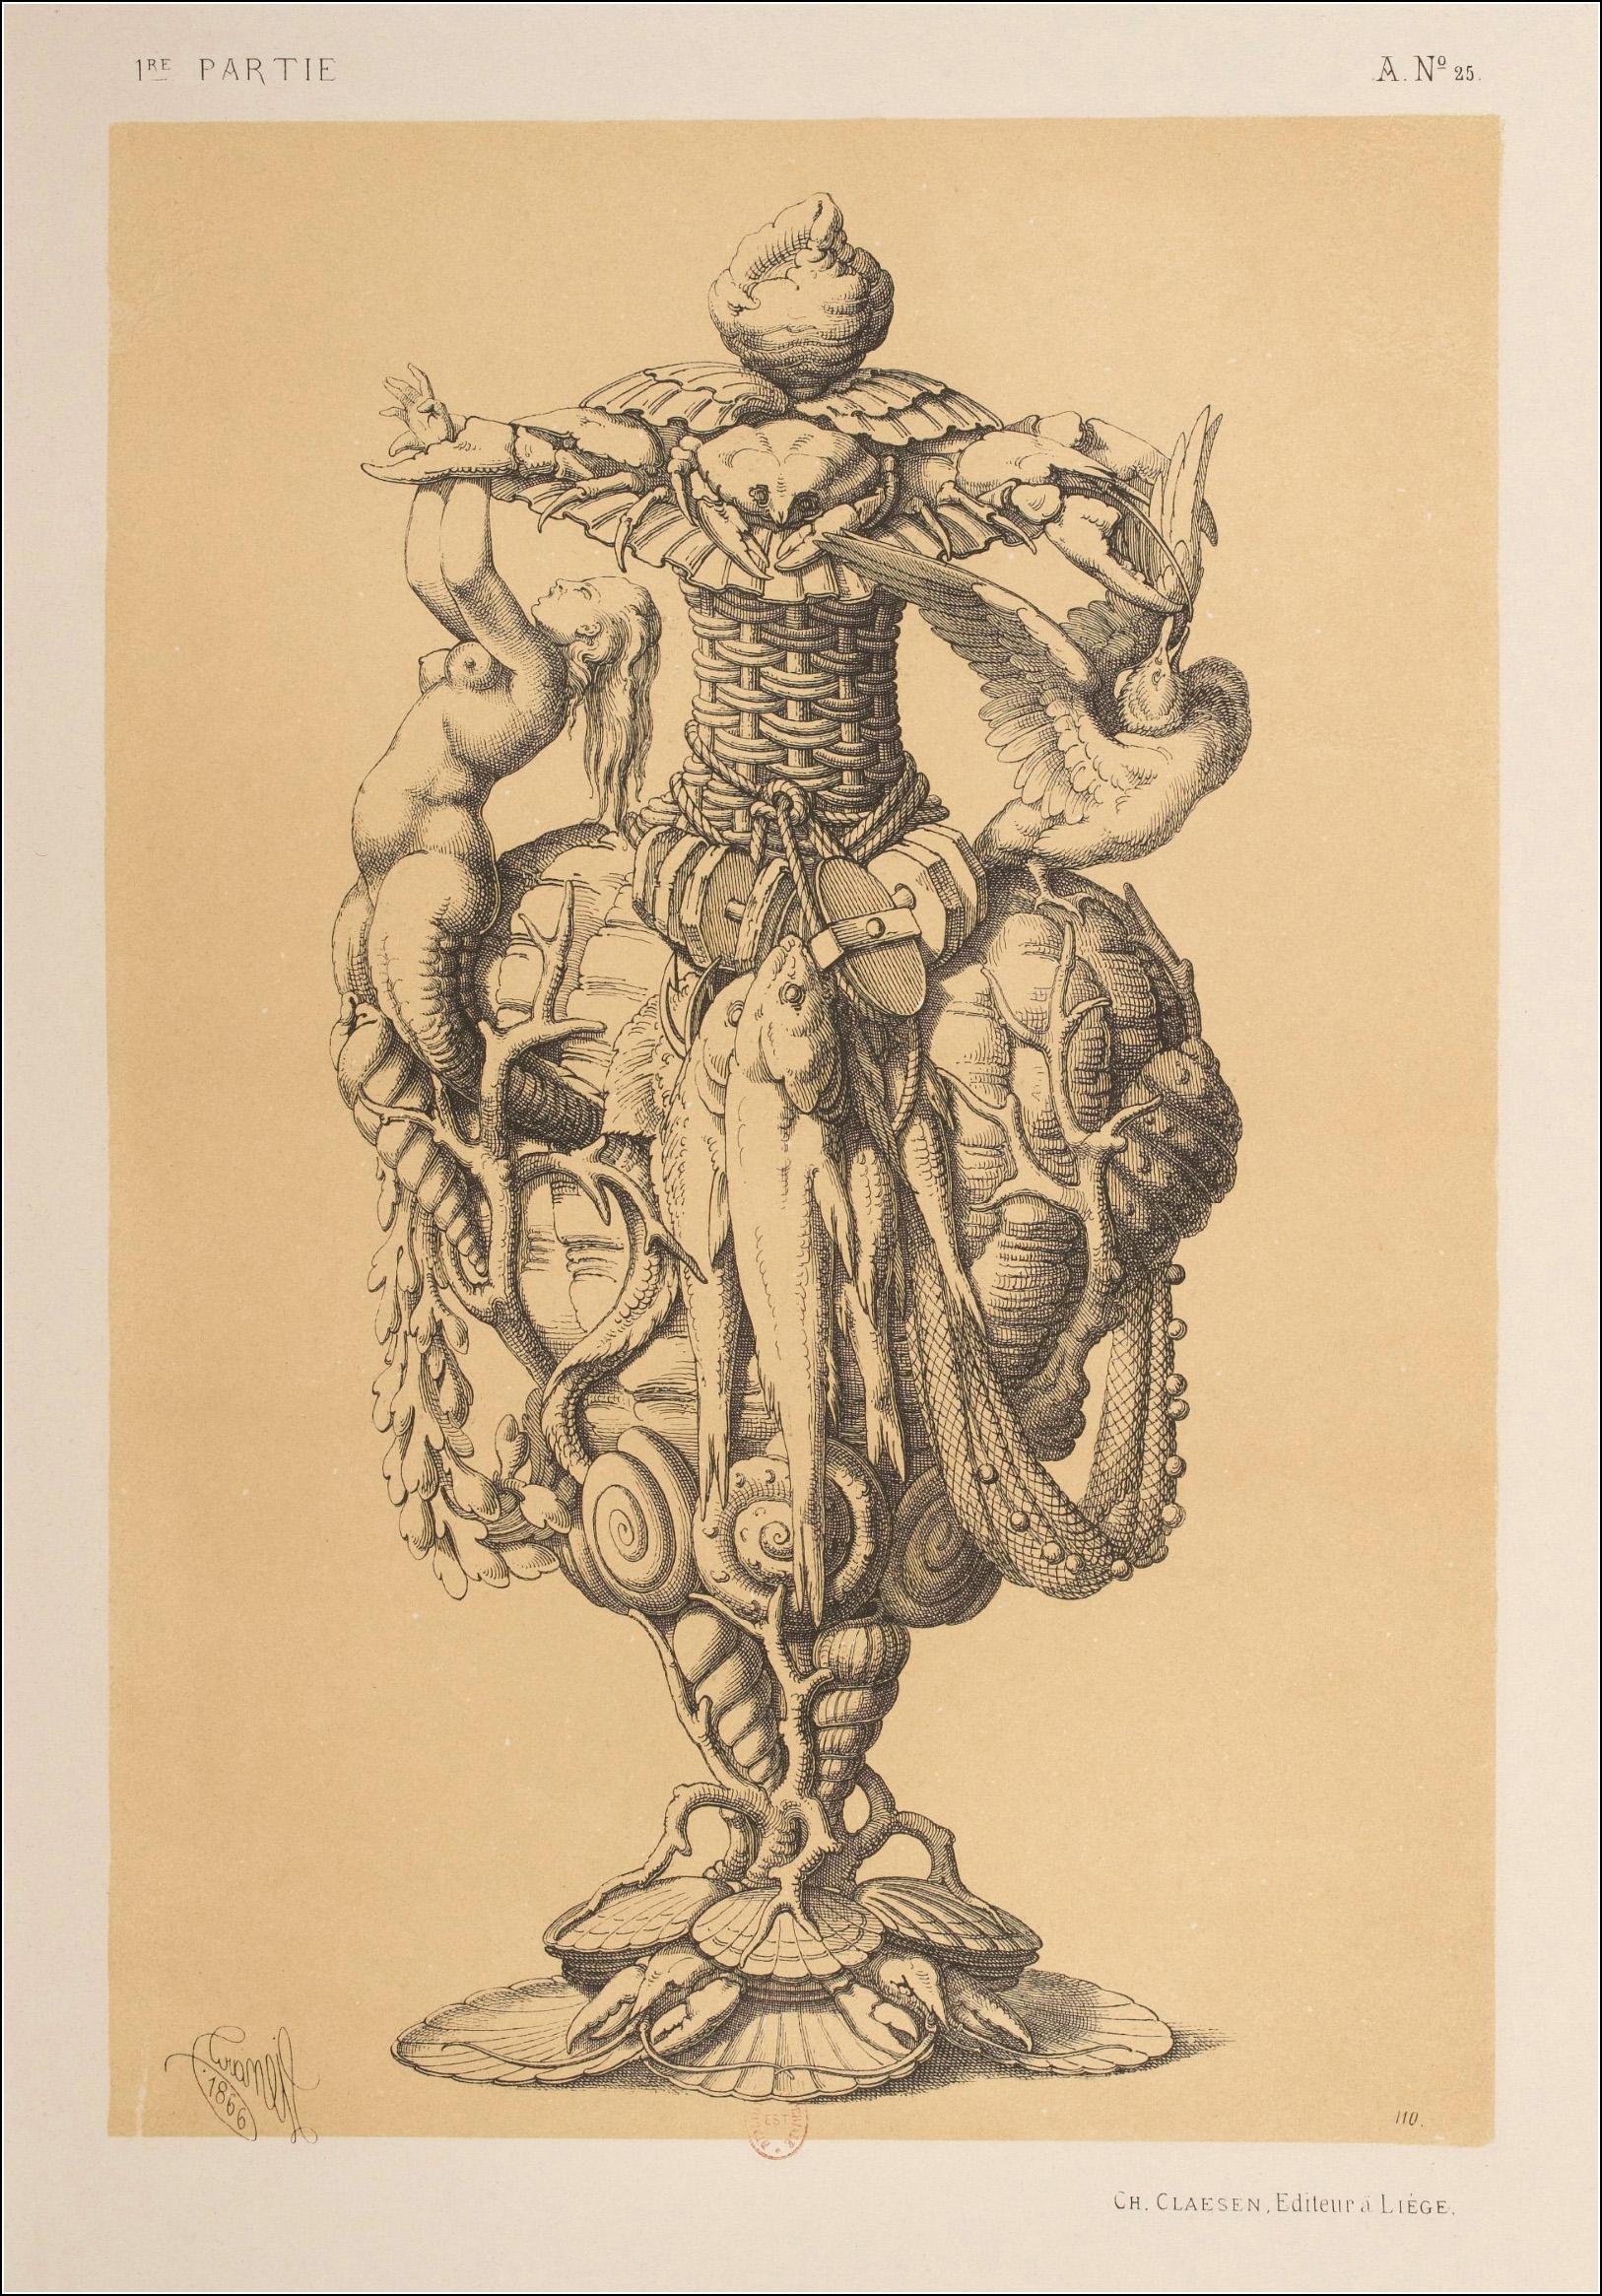 Michel Liénard, Specimens de la décoration